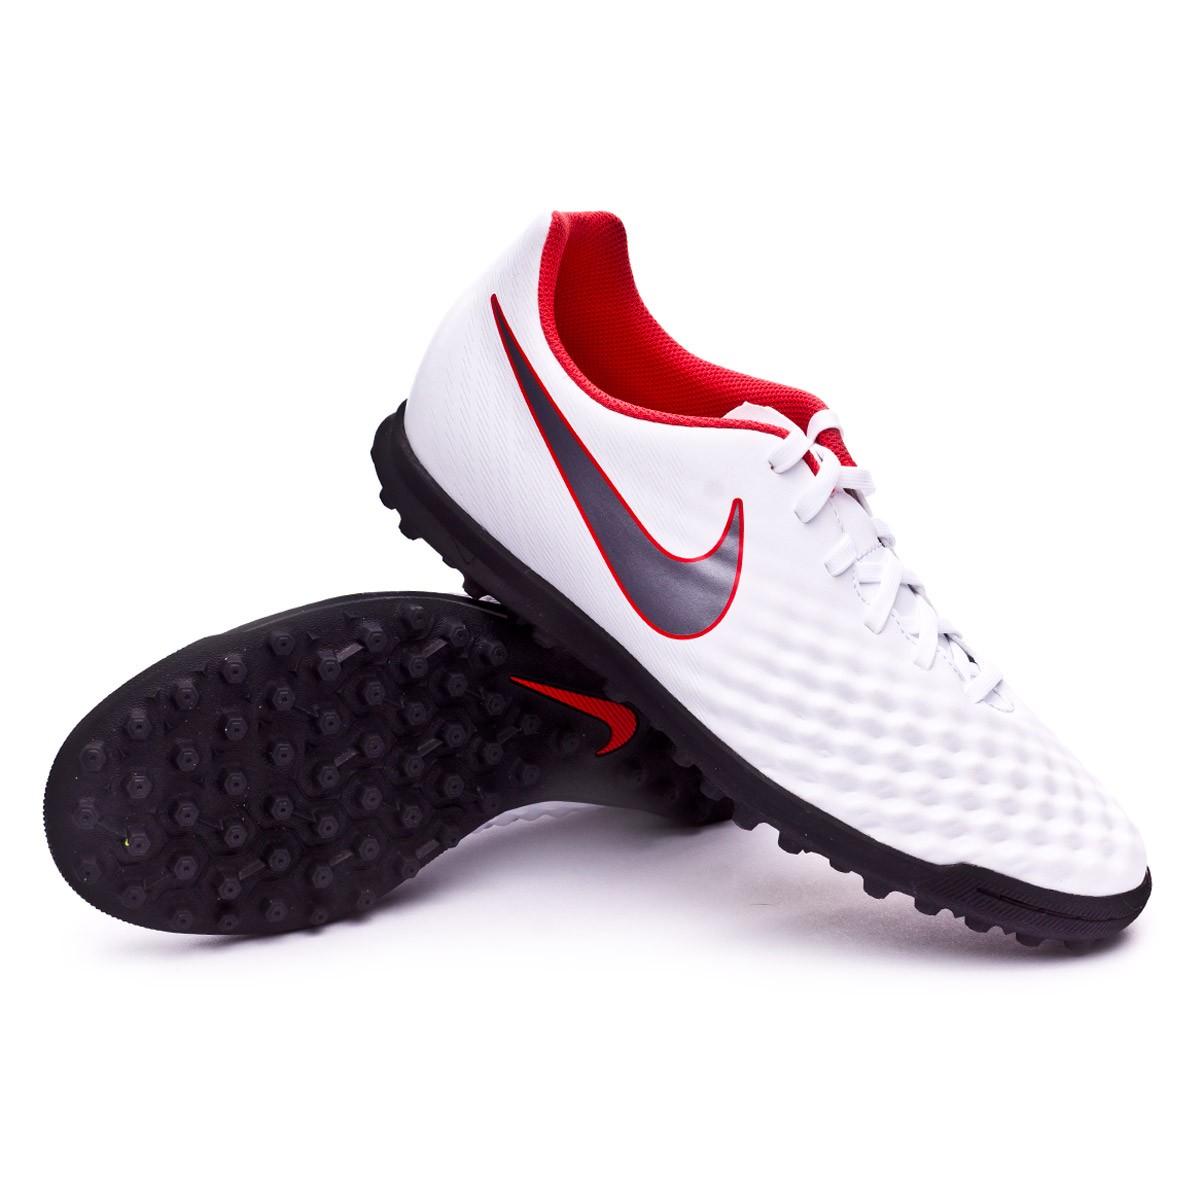 Nike MagistaX Proximo II DF IC Dark Grey/Black